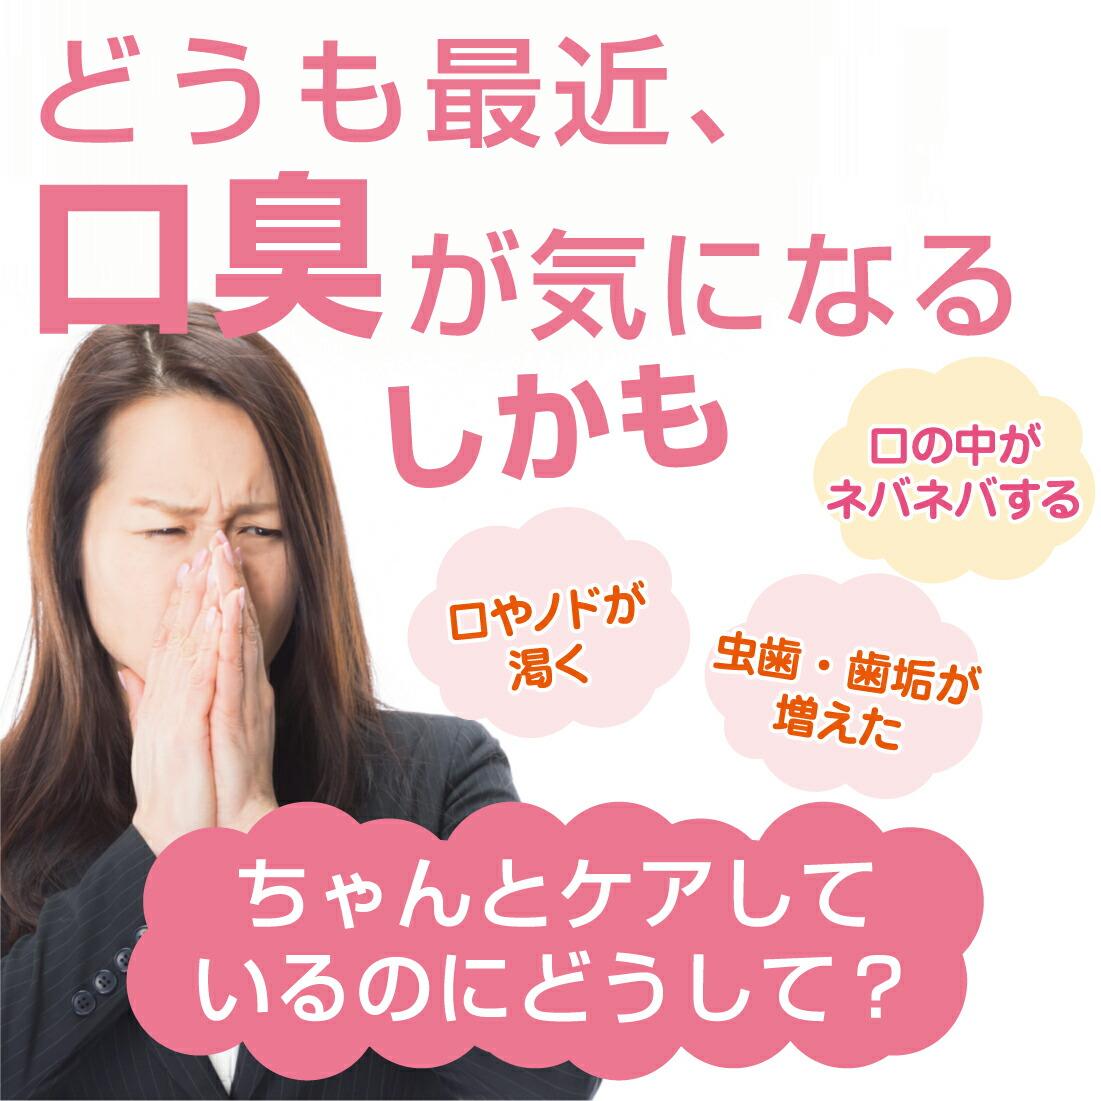 どうも最近口臭が気になる ちゃんとケアしているのにどうして?